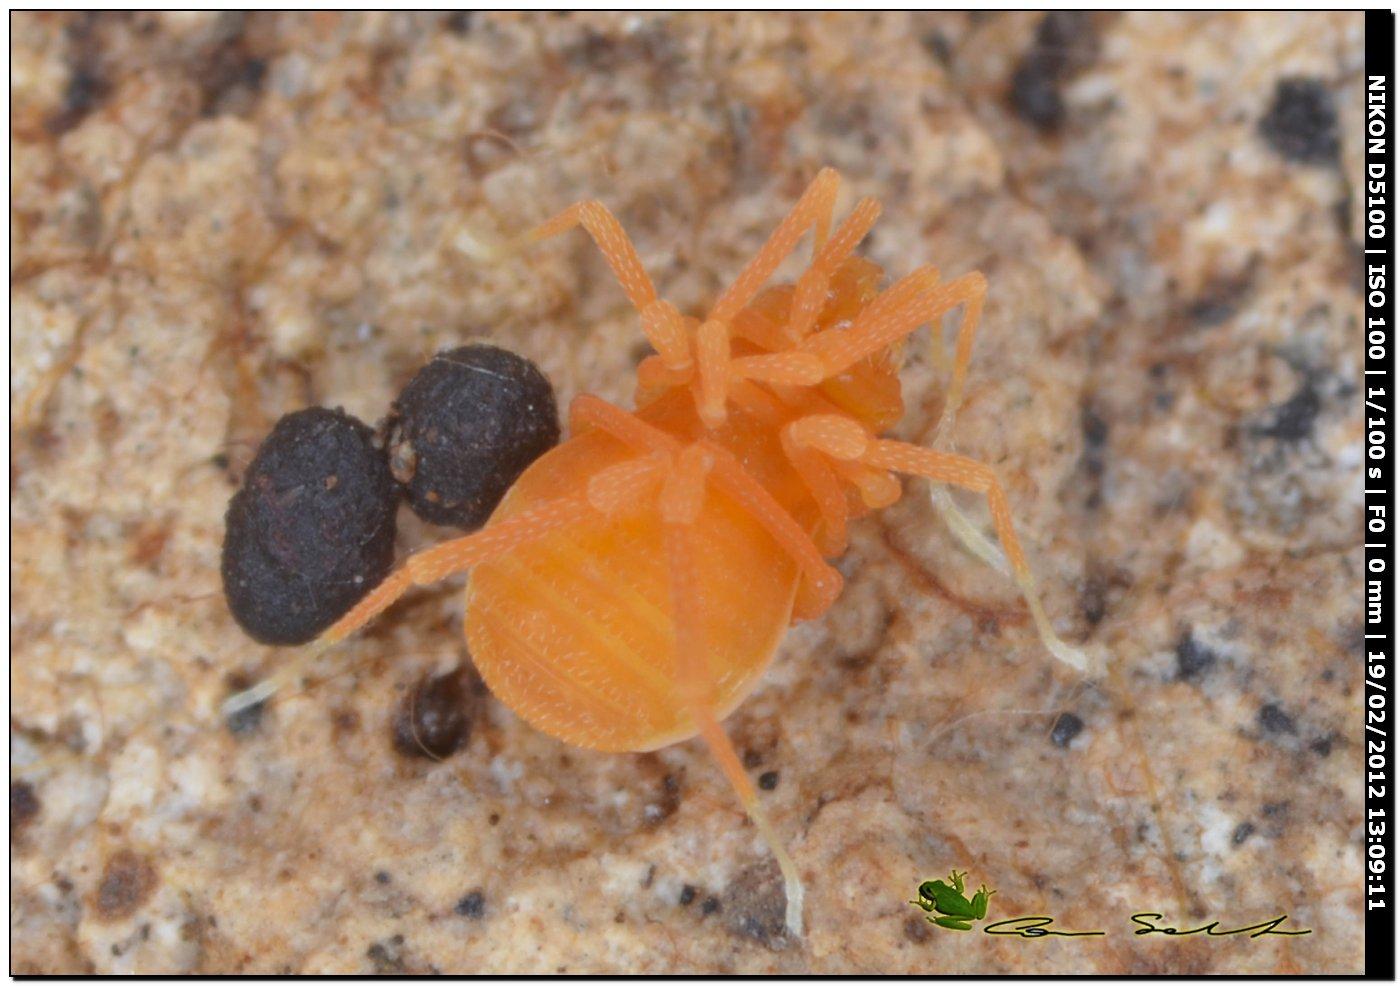 Scotolemon doriae/terricola? da Ittiri (Sardegna)